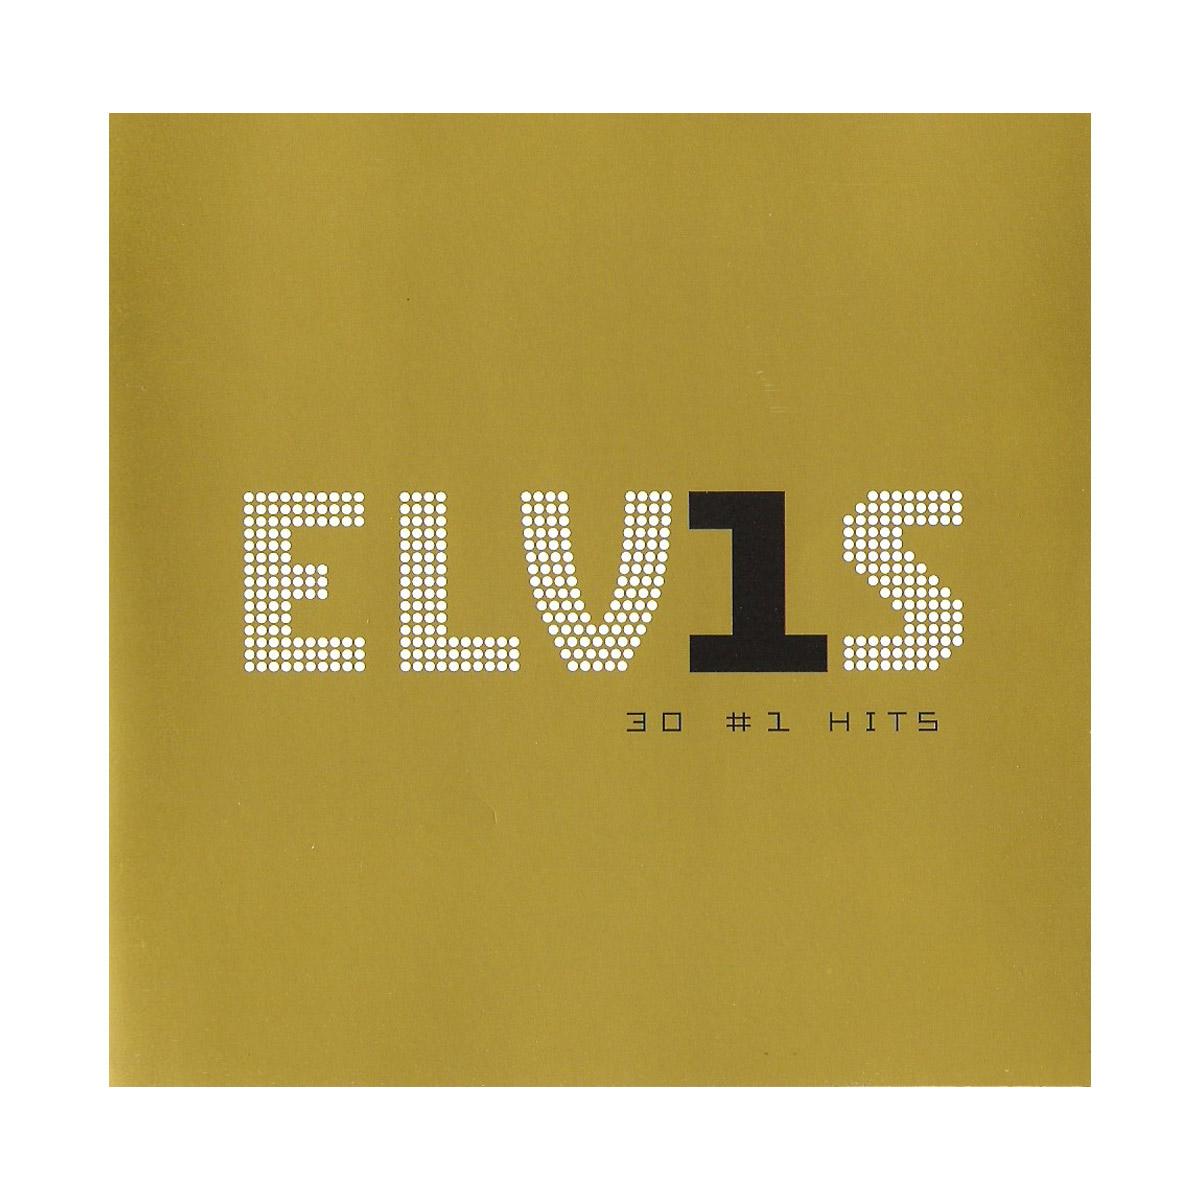 CD Elvis - 30 #1 Hits